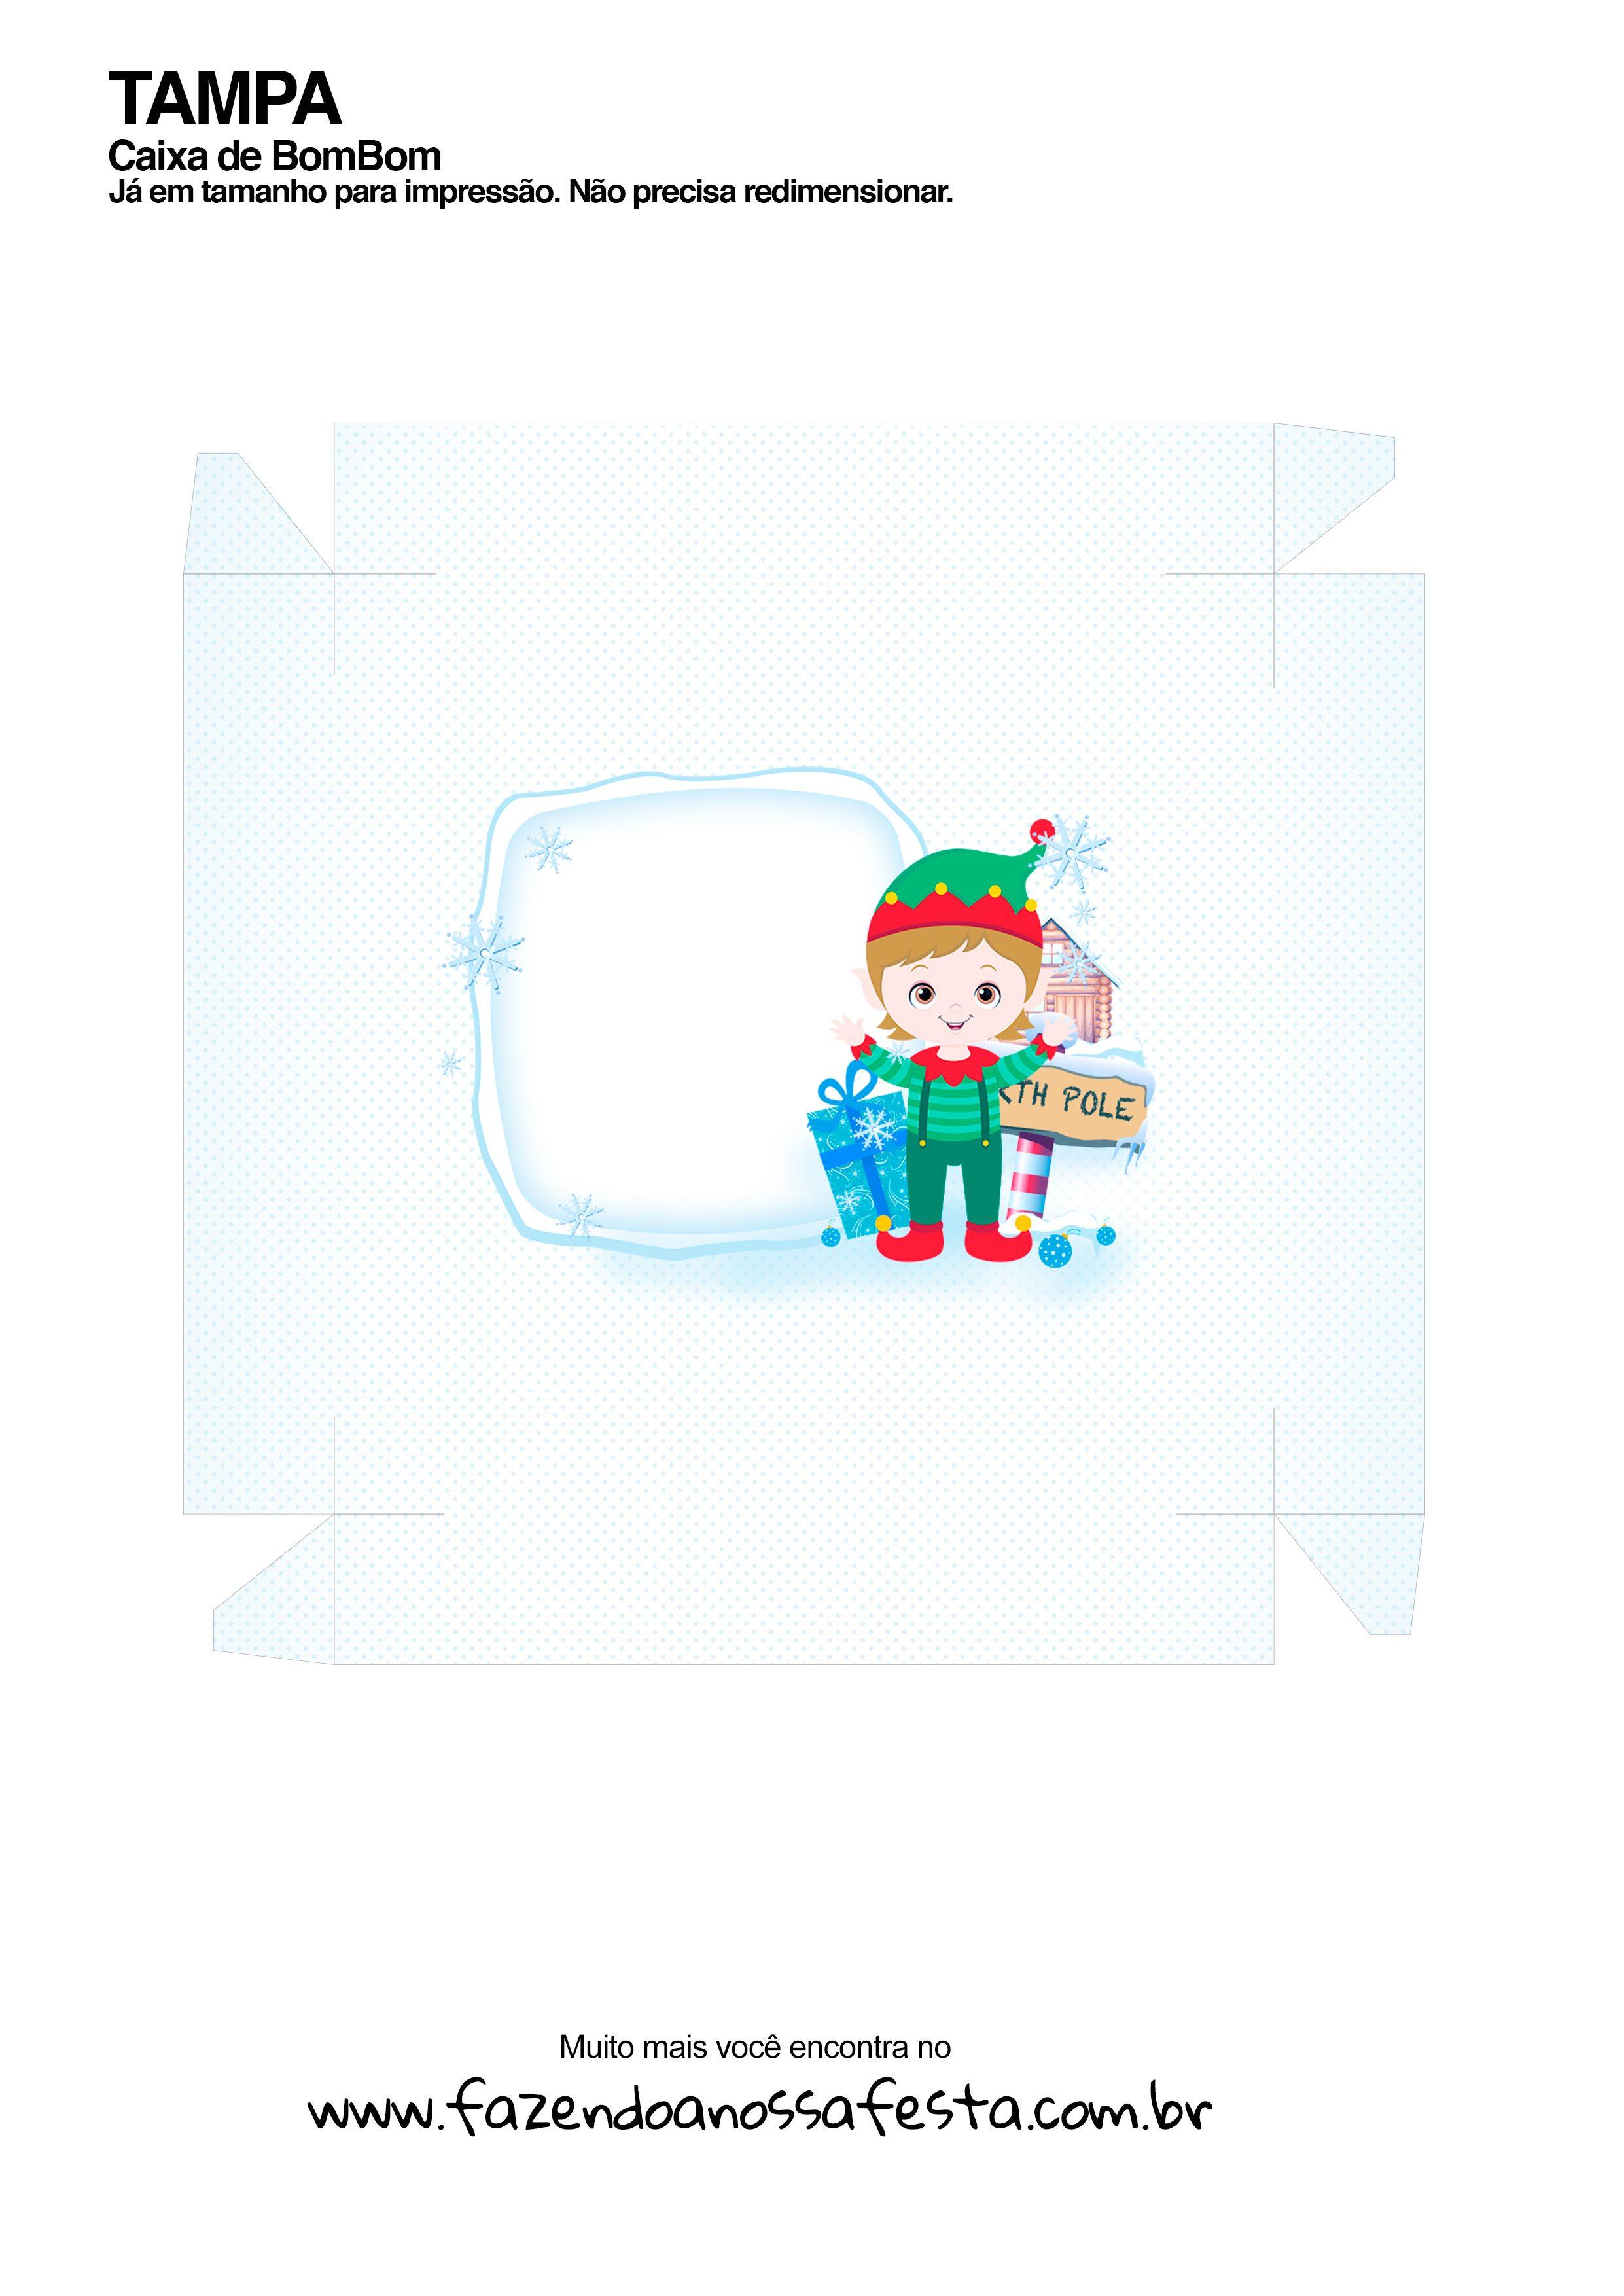 Caixa Talento Prestígio e Bis de Natal - parte de fora